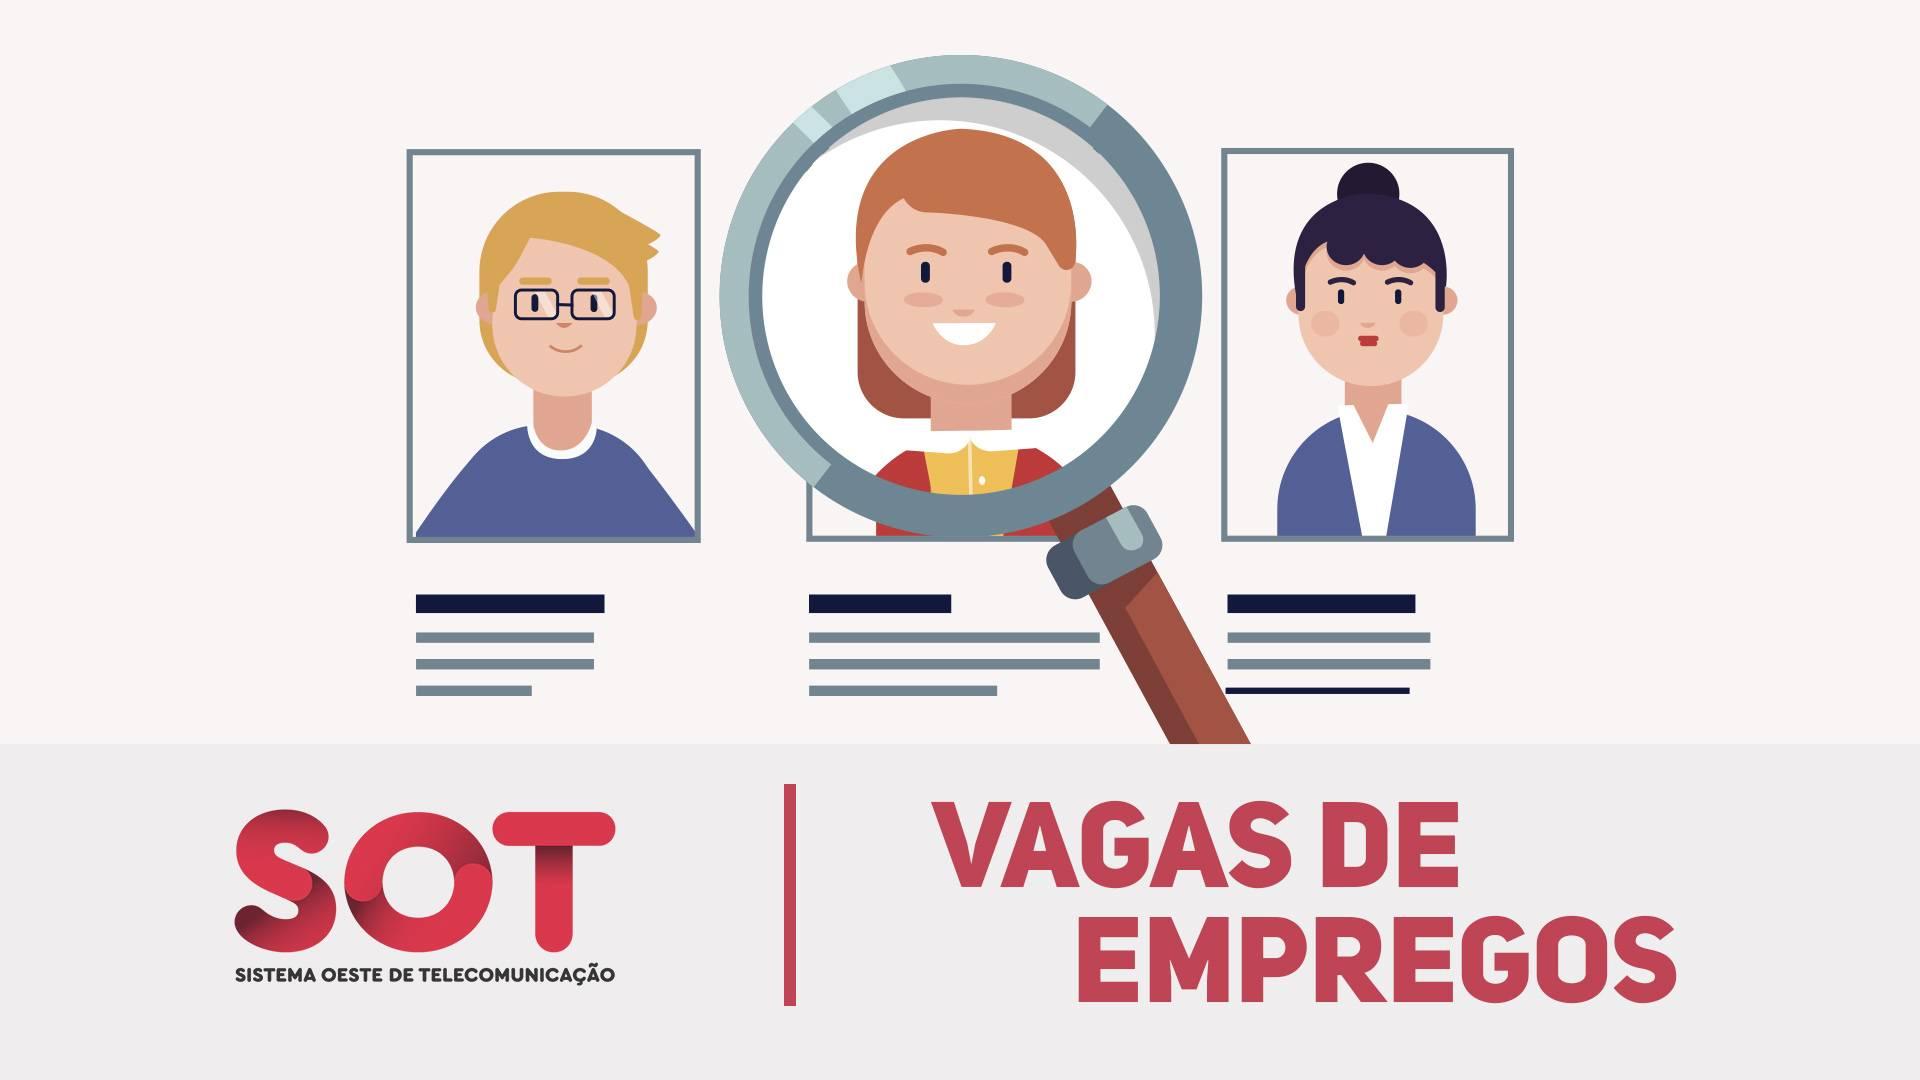 Vagas de Empregos: Veja as principais oportunidades disponíveis nesta quinta-feira (29/04)